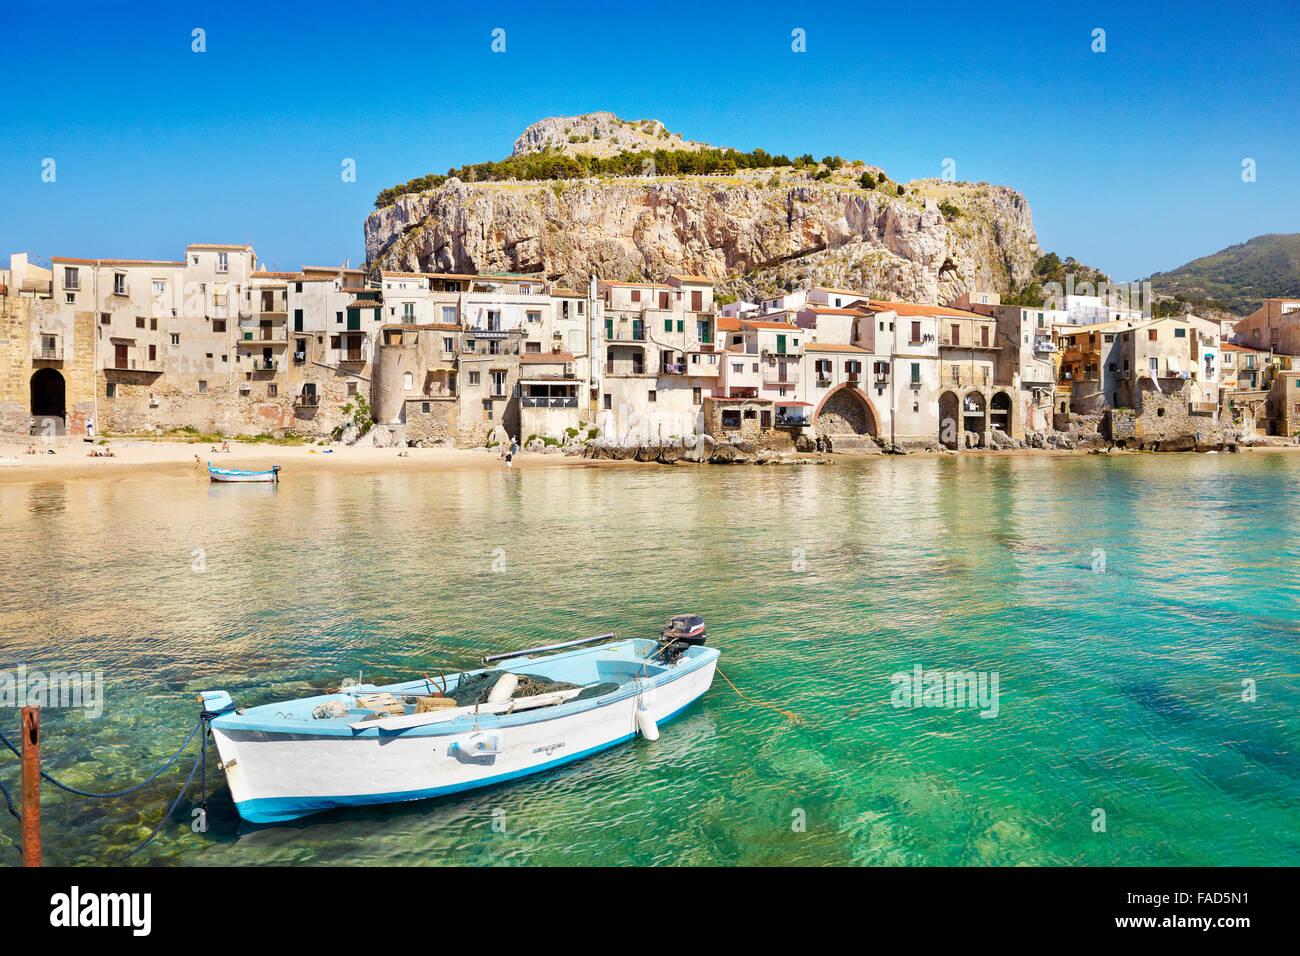 Barca da pesca e le case medioevali di Cefalù città vecchia, Sicilia, Italia Immagini Stock